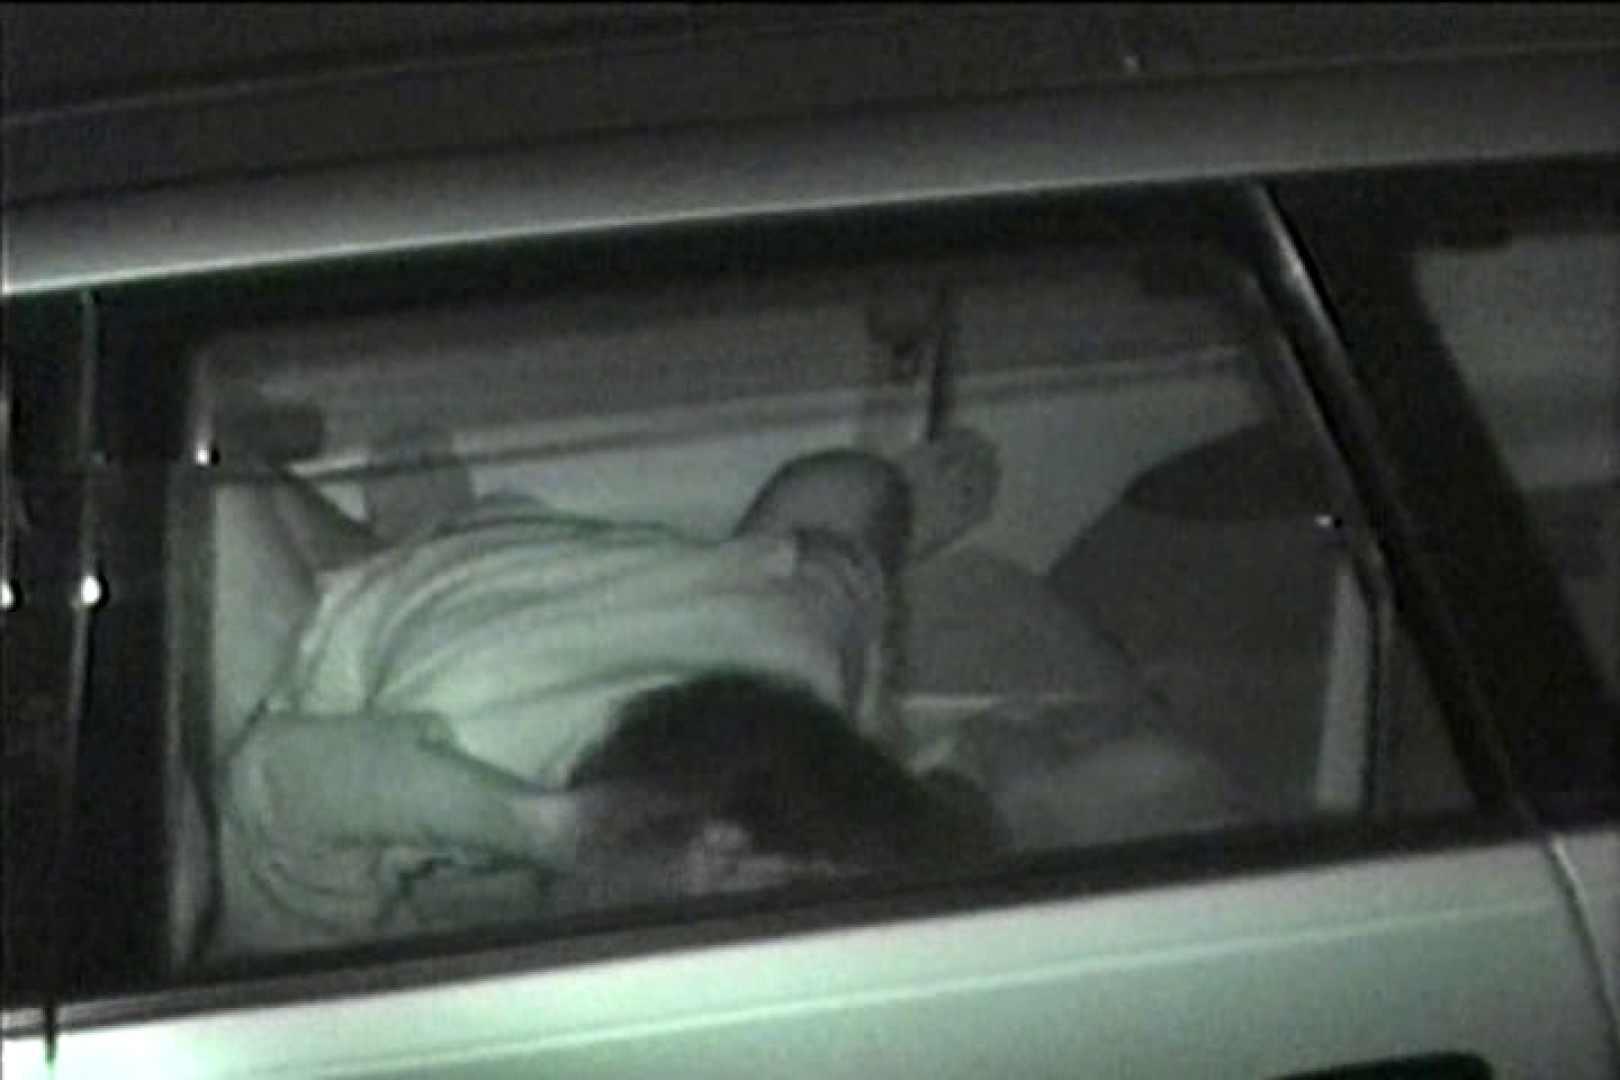 車の中はラブホテル 無修正版  Vol.7 人気シリーズ 盗み撮りSEX無修正画像 41pic 31